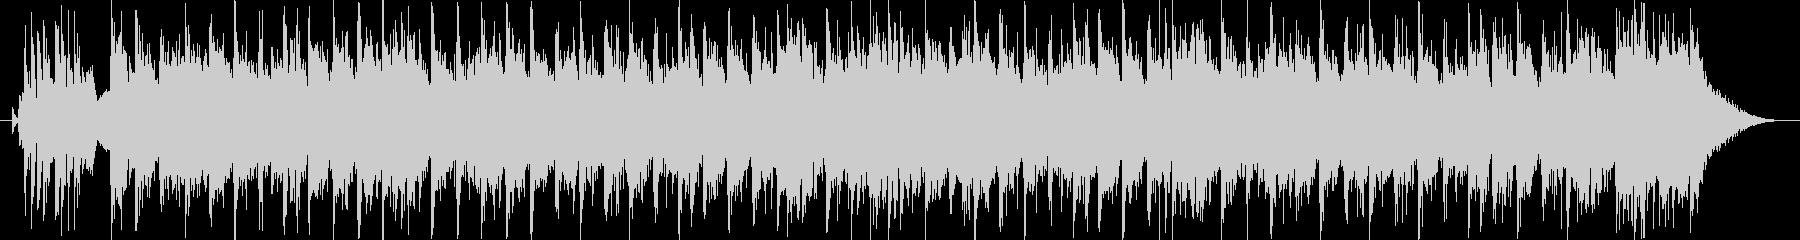 トーク用BGM(ファンク、ダンス)の未再生の波形